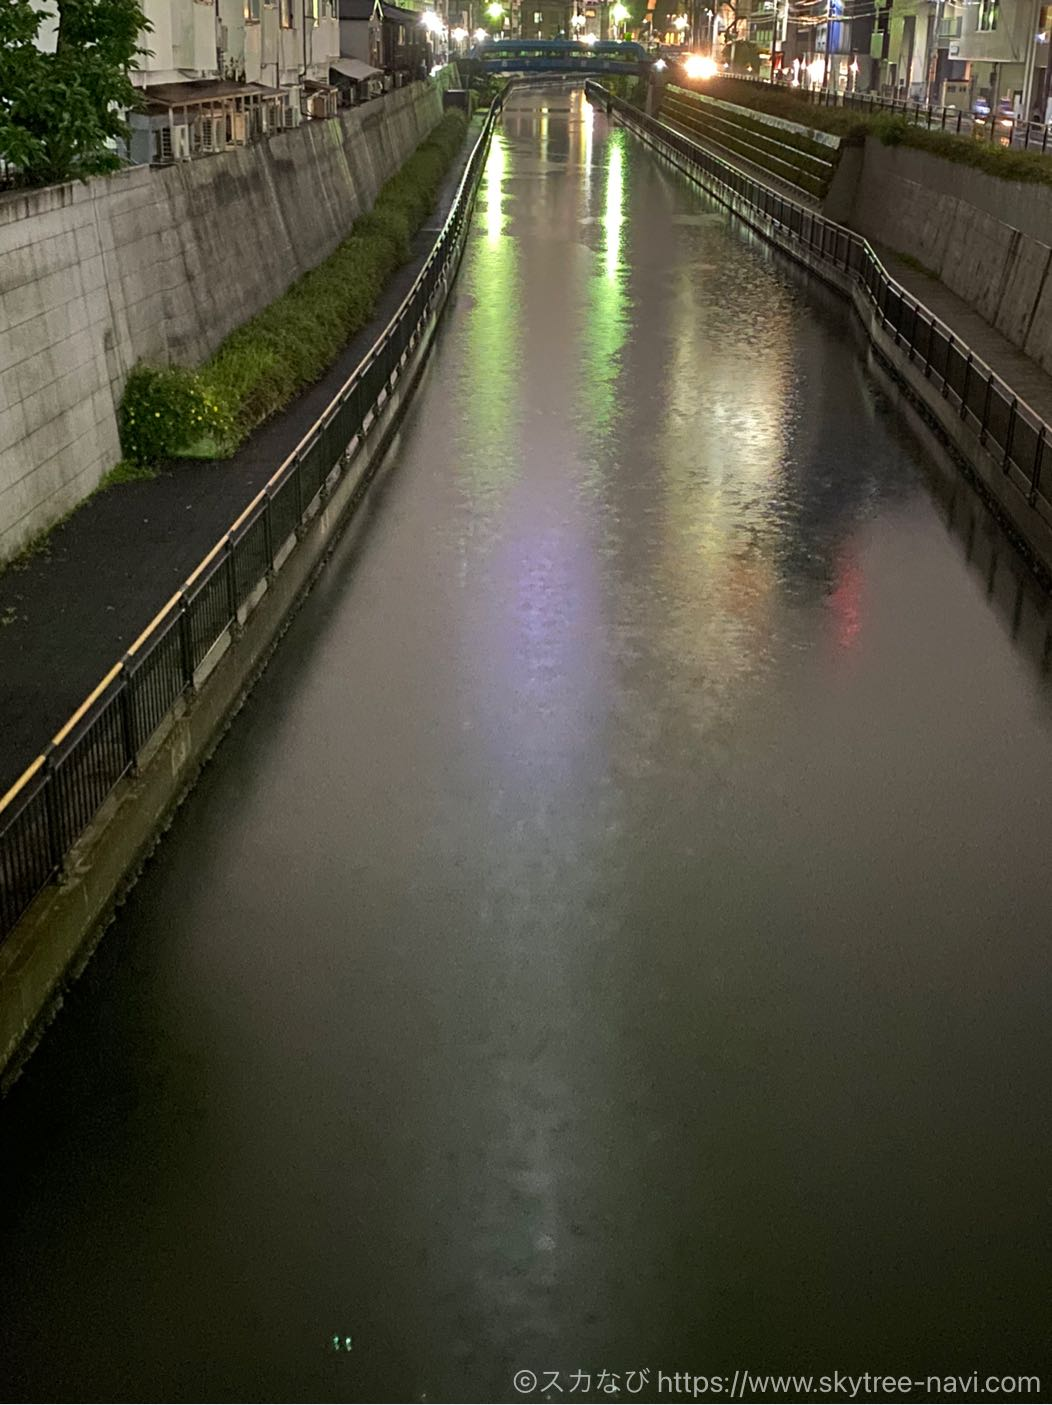 スカイツリー 聖火リレー特別ライティング 千葉県